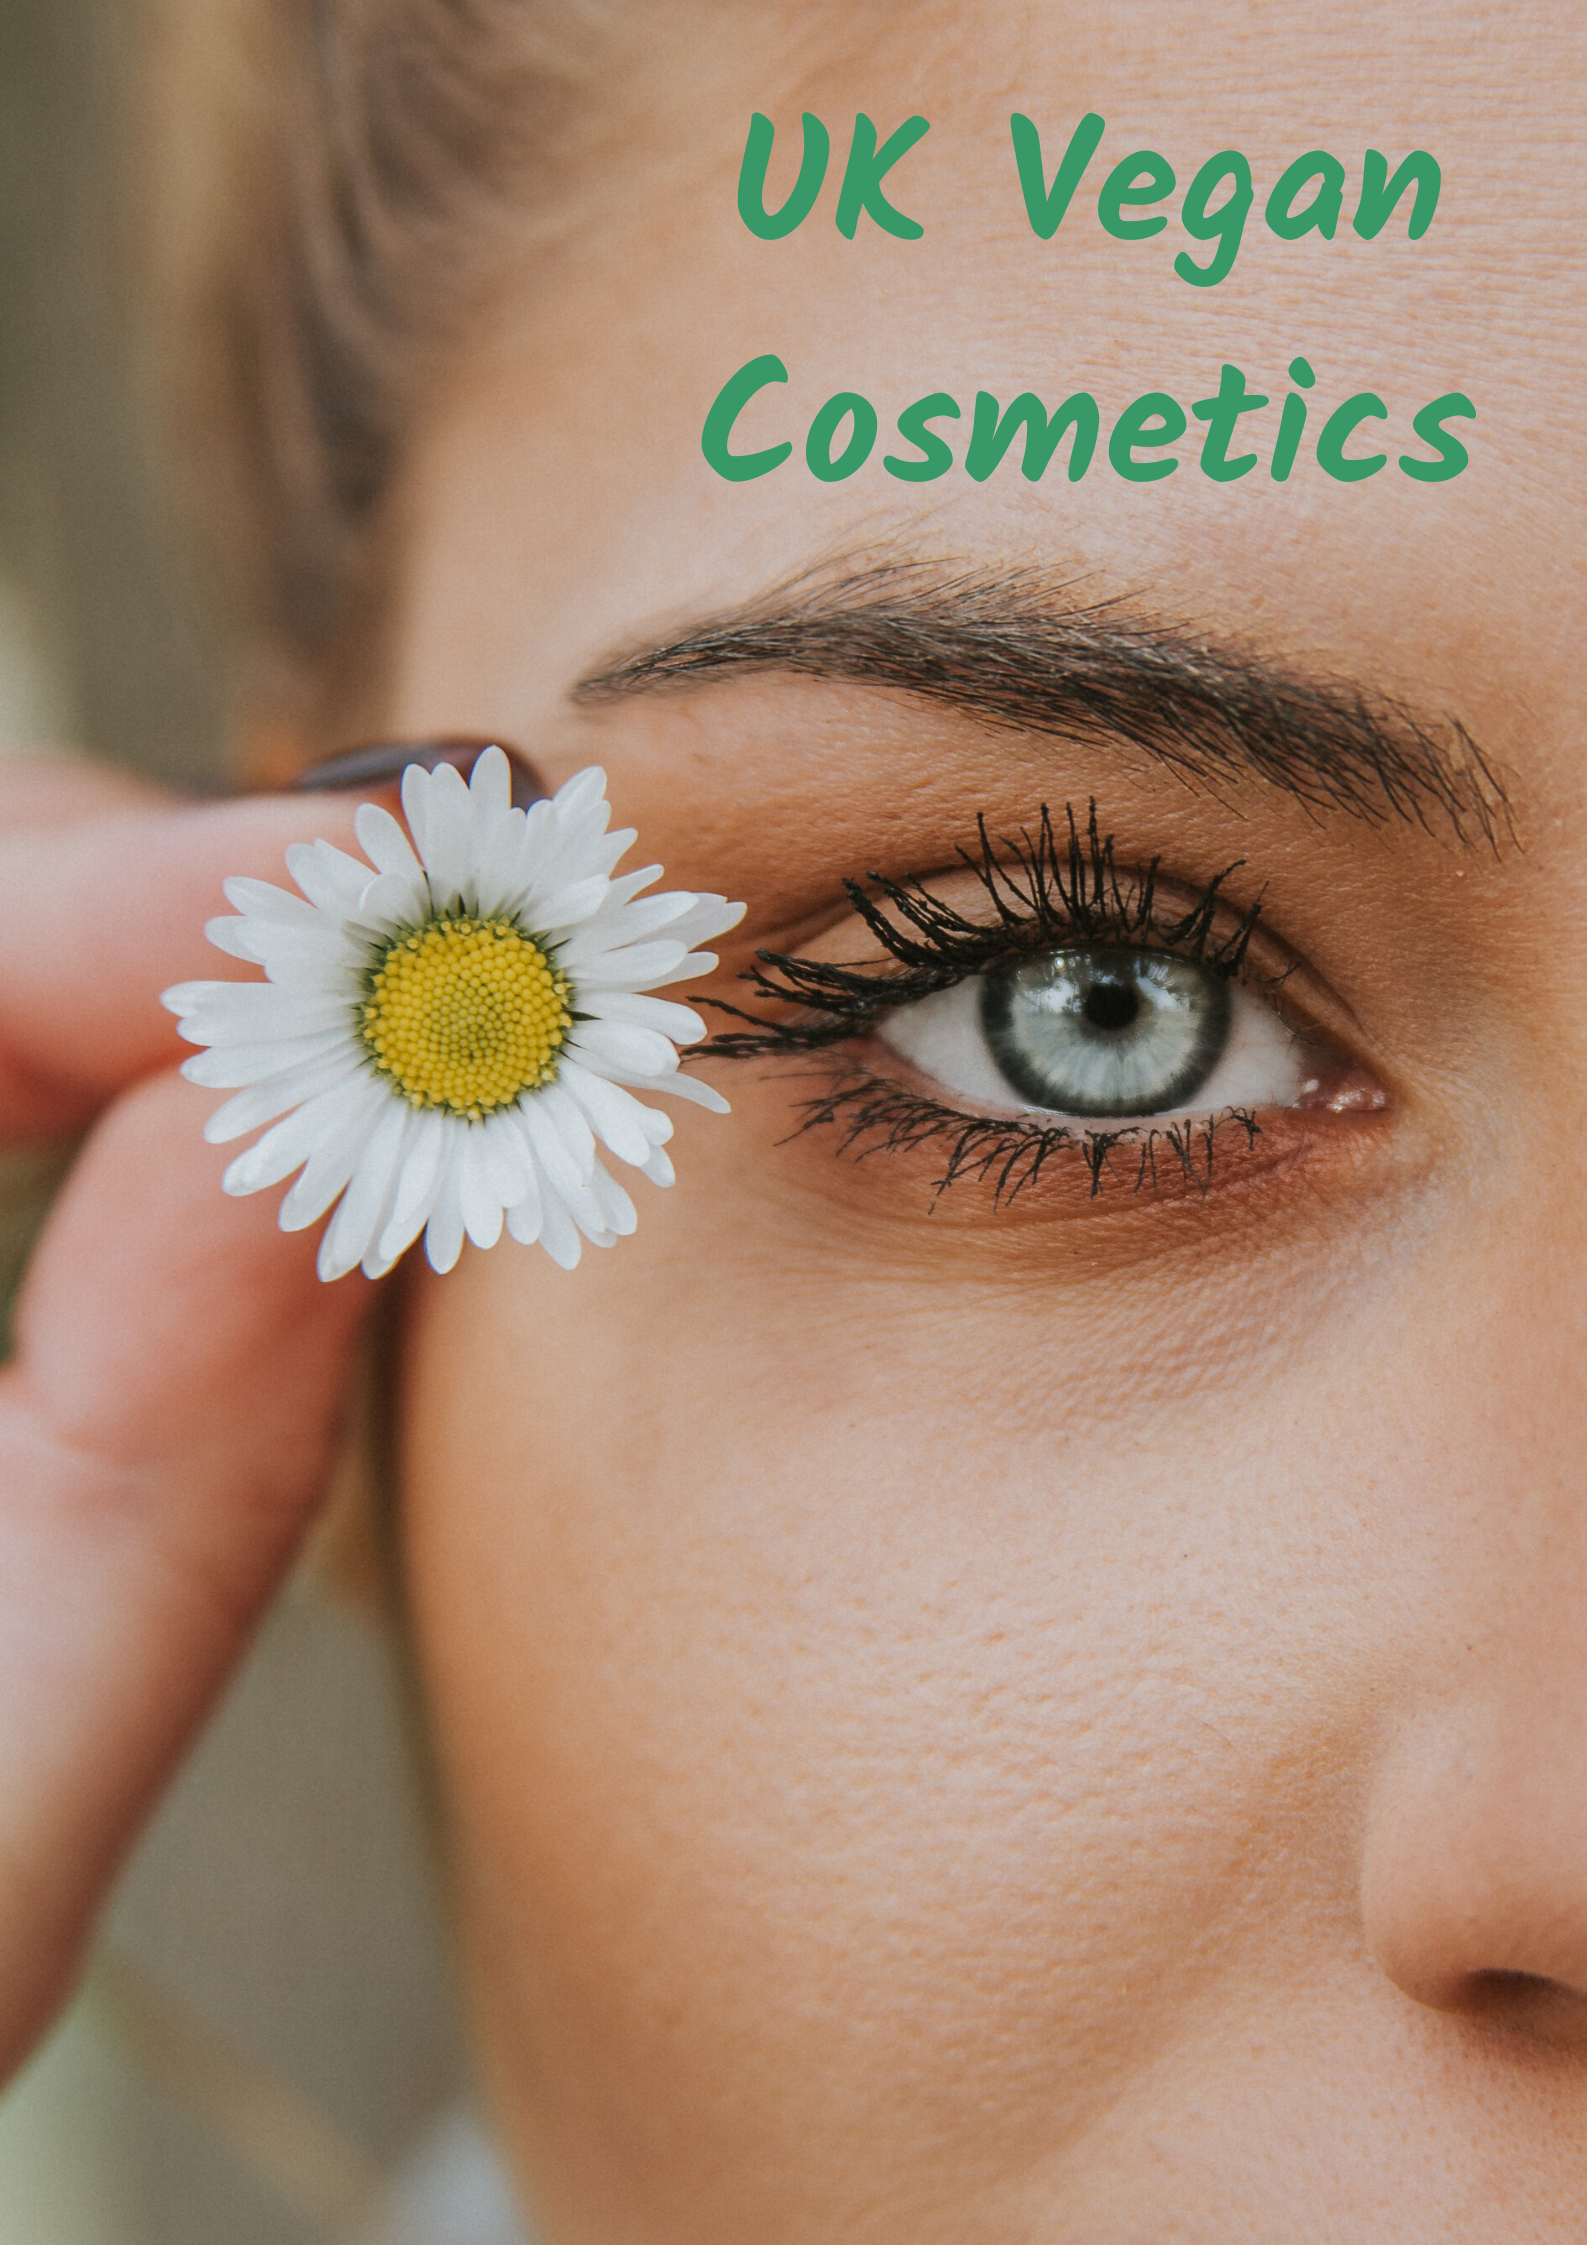 Pin on Vegan Beauty Cosmetics / Makeup